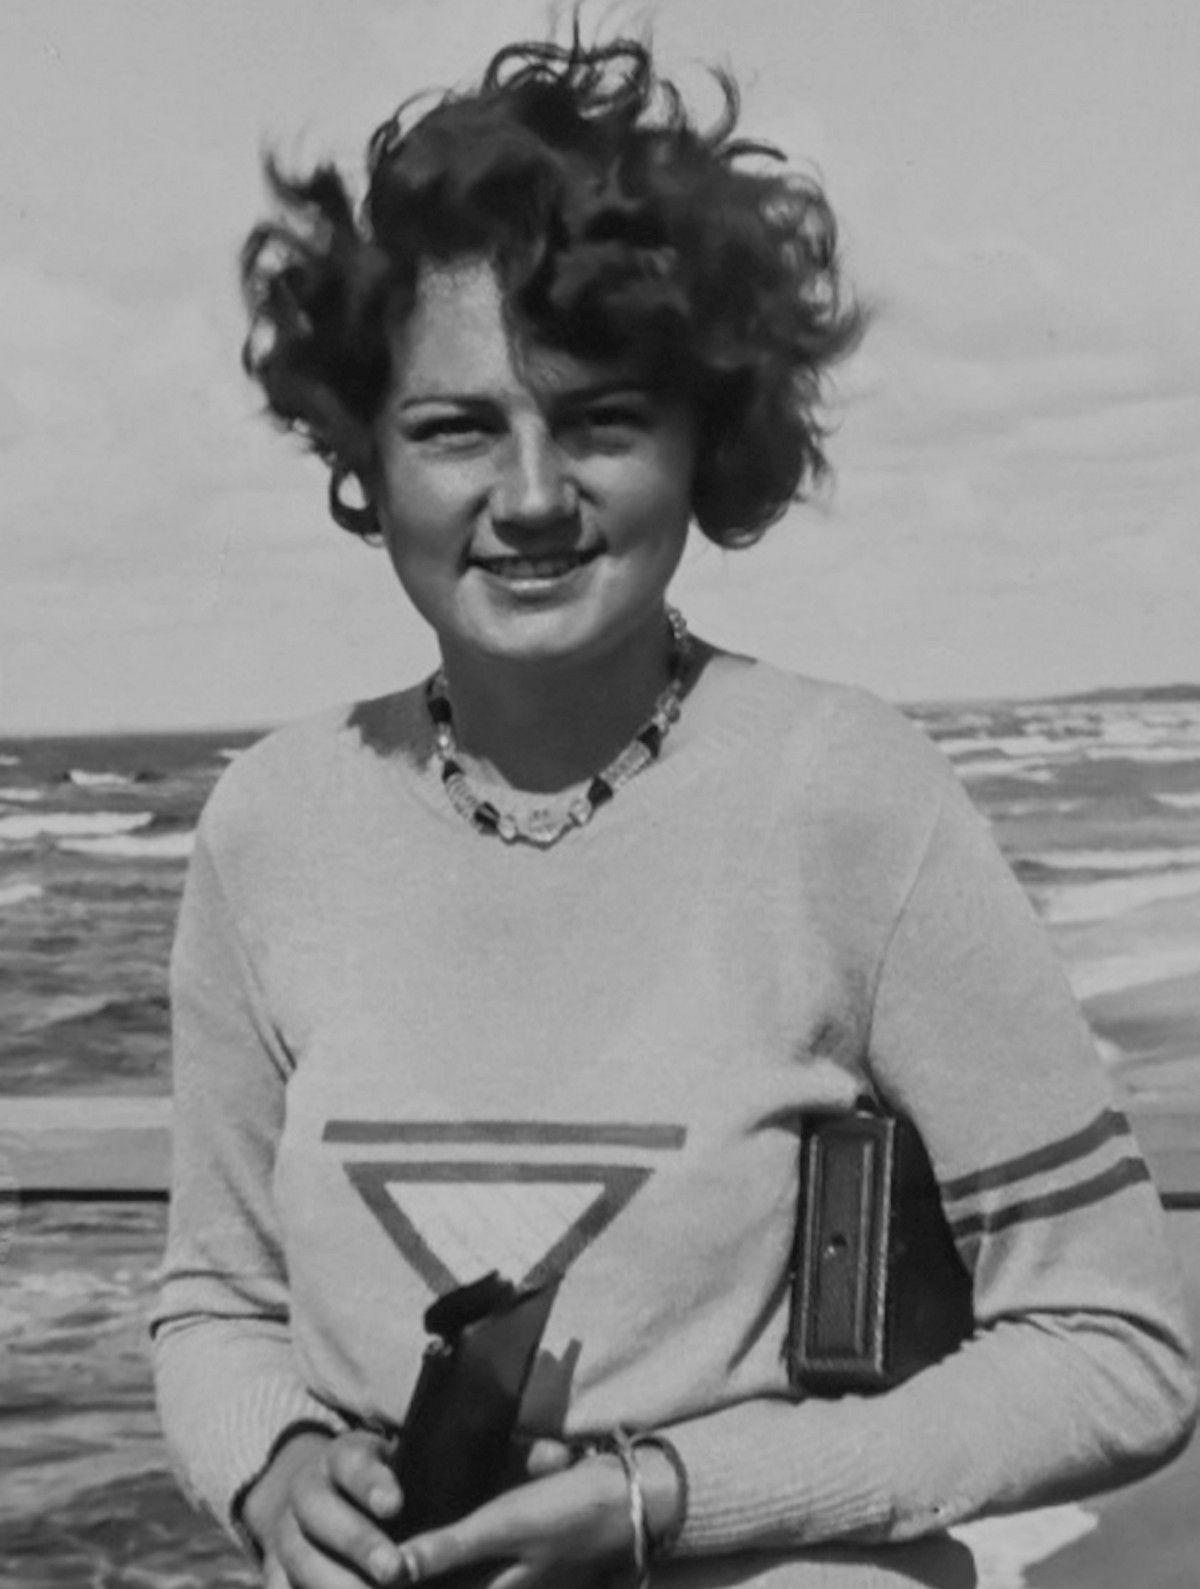 Dopiero po samobójczej śmierci Geli Raubal (na zdjęciu) Ewa Braun została zaproszona do rezydencji Hitlera.